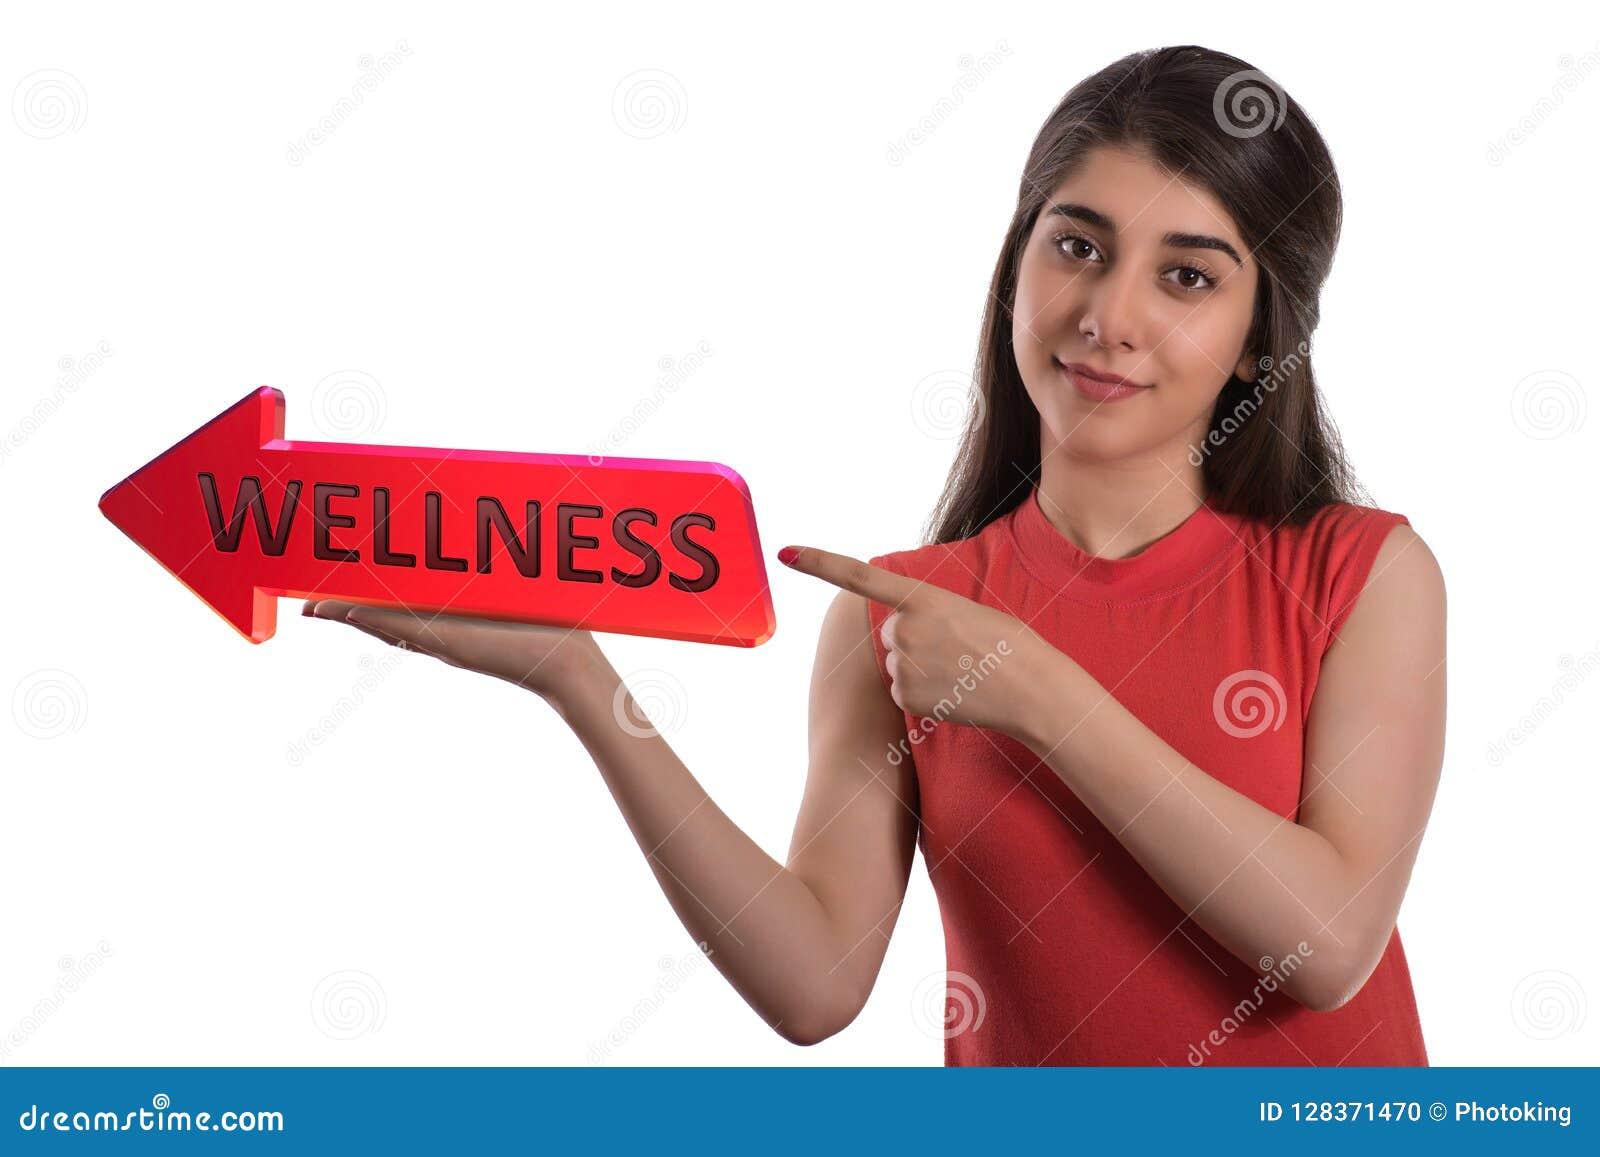 Wellness strzałkowaty sztandar na ręce